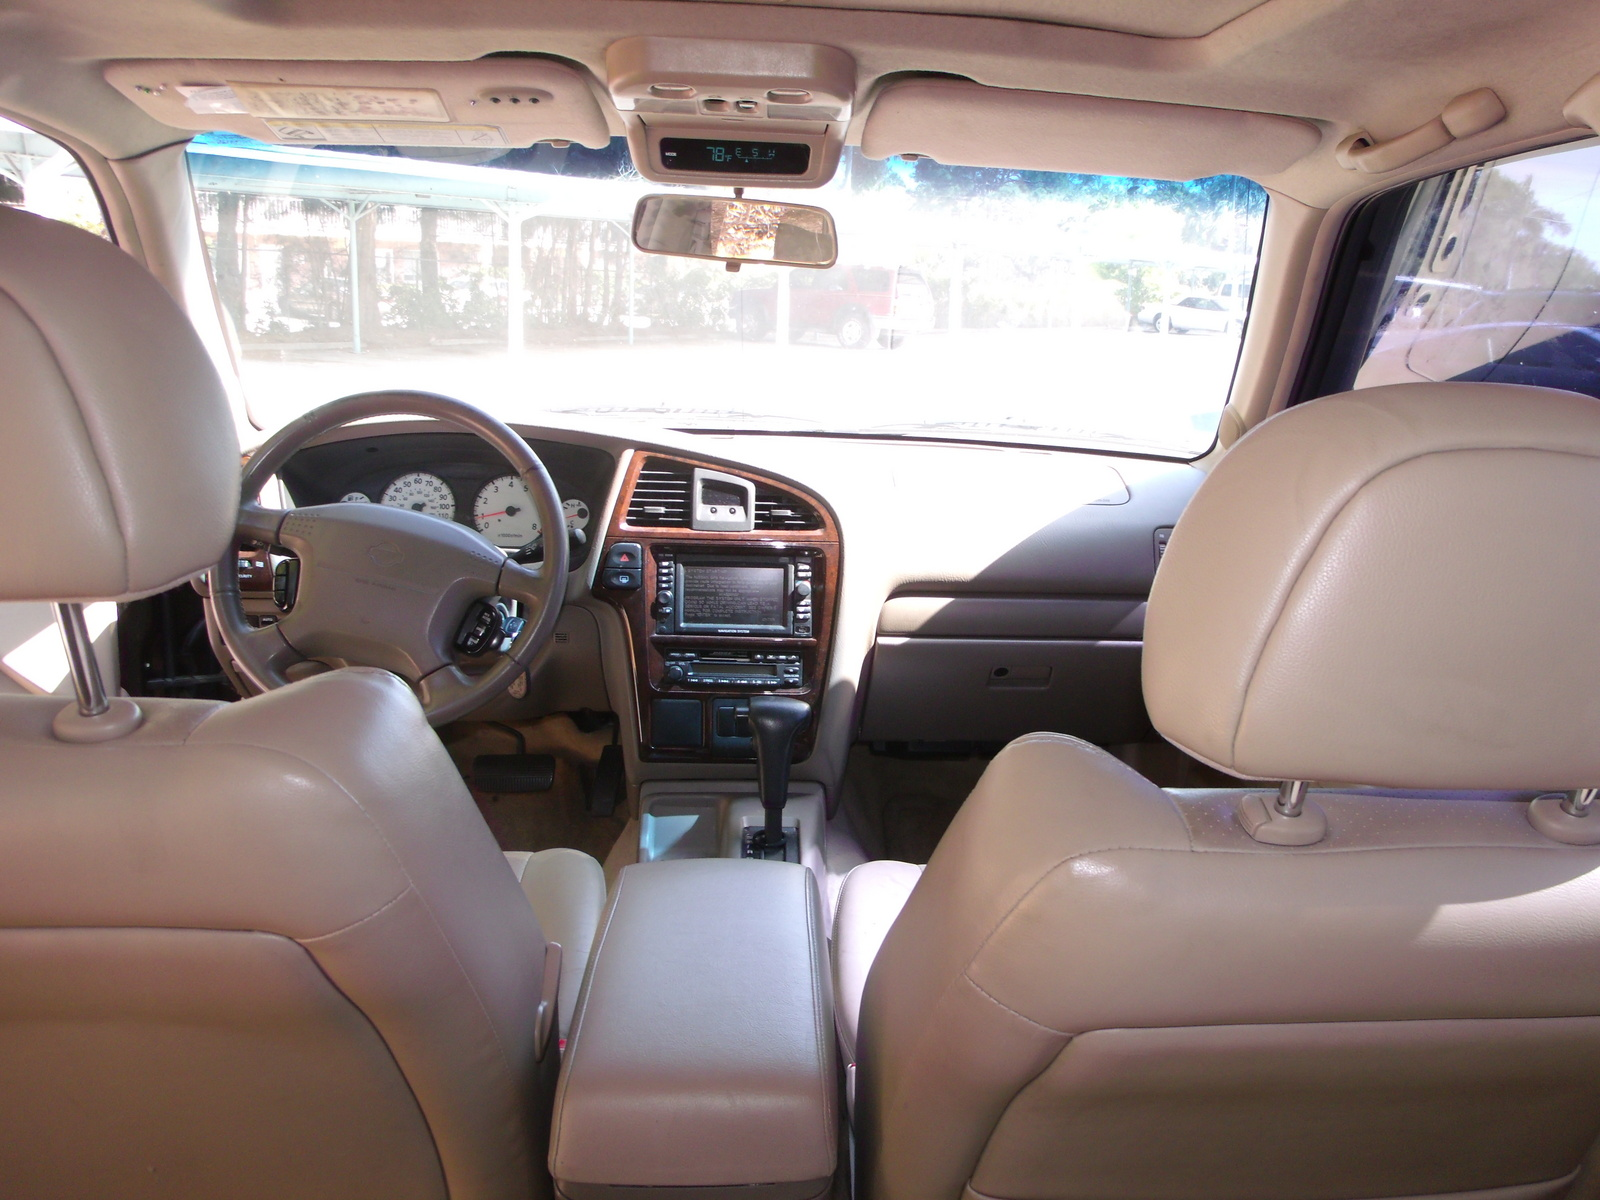 2001 Nissan Pathfinder Interior Pictures Cargurus